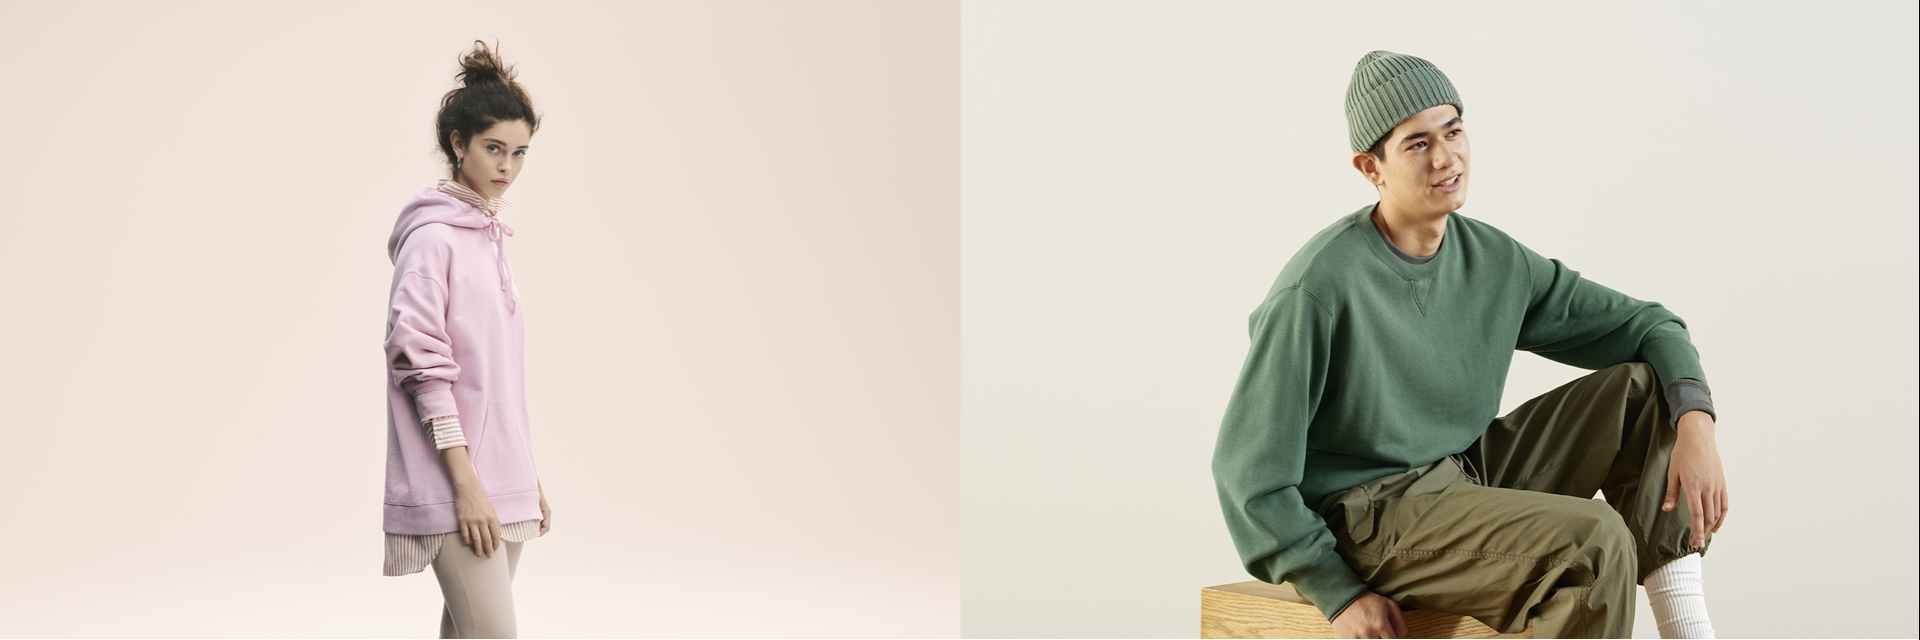 跨年這樣穿就對了! UNIQLO 推出早春「SWEAT 厚 T」、 褲裝與外套系列 超吸睛馬卡龍色彩與時尚剪裁,輕鬆穿就有風格!